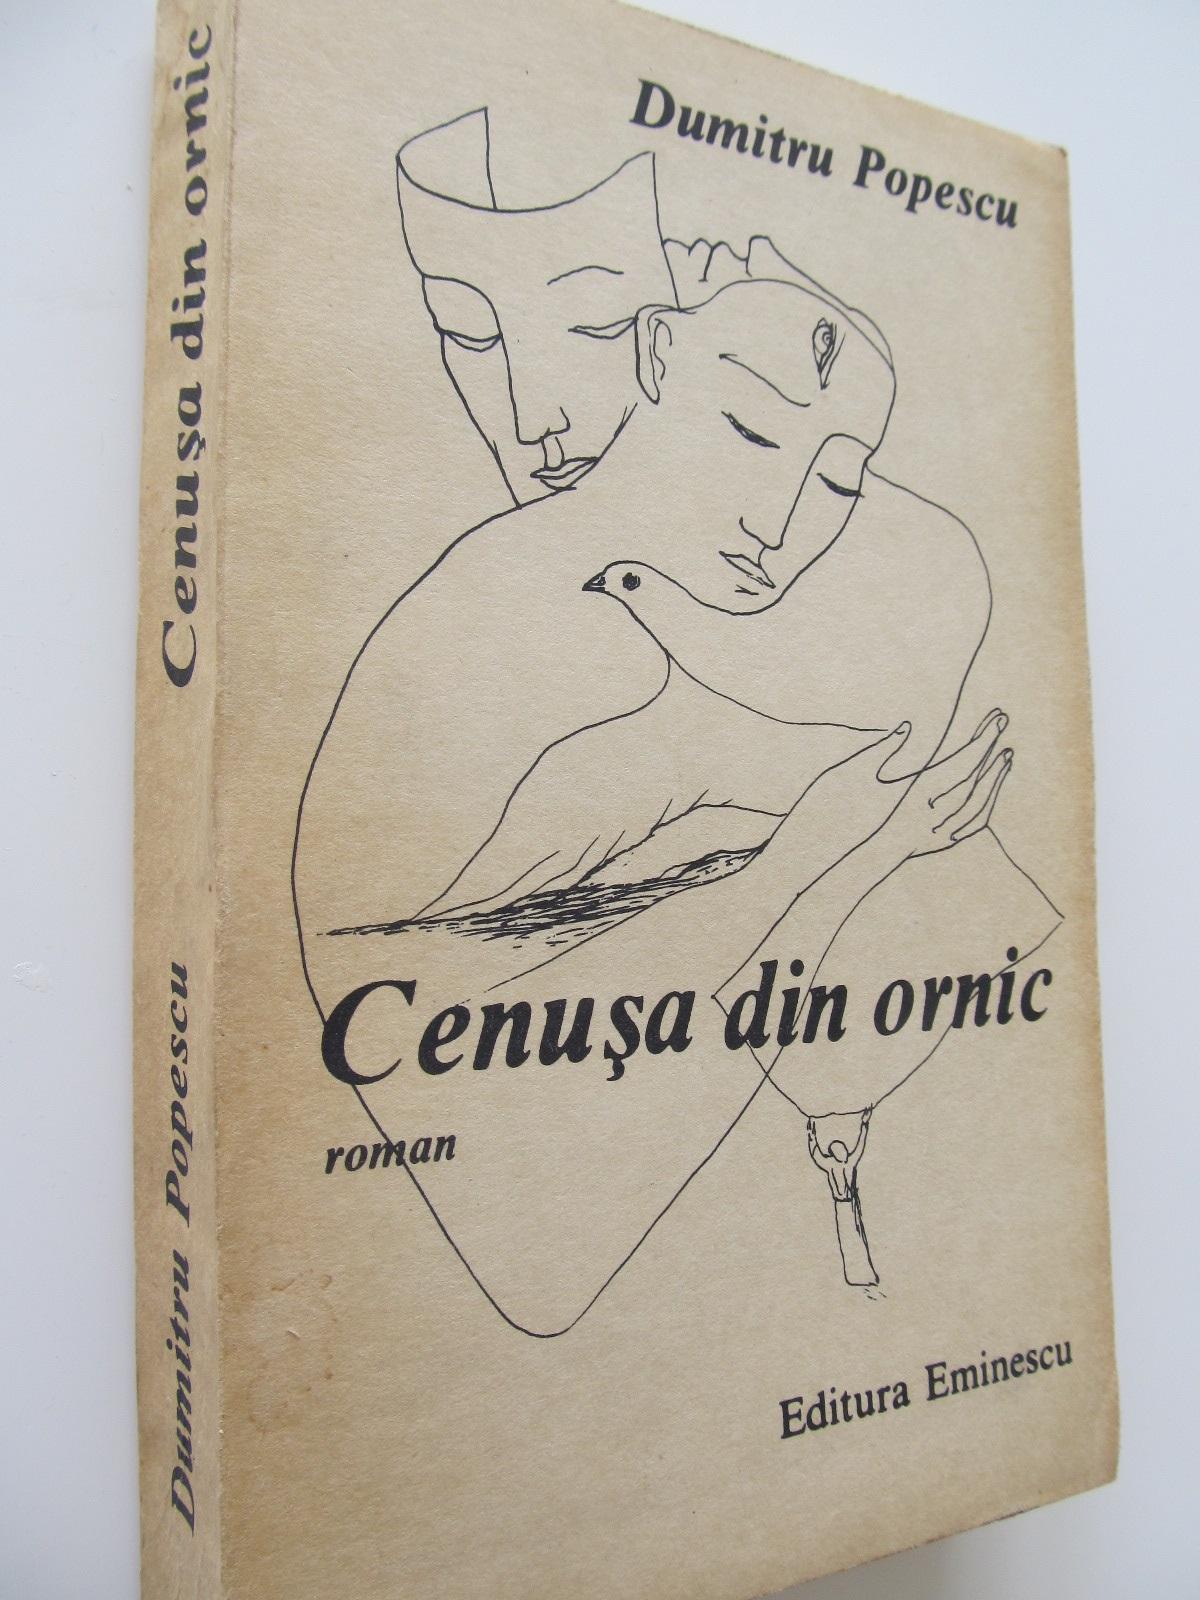 Cenusa din ornic - Dumitru Popescu | Detalii carte